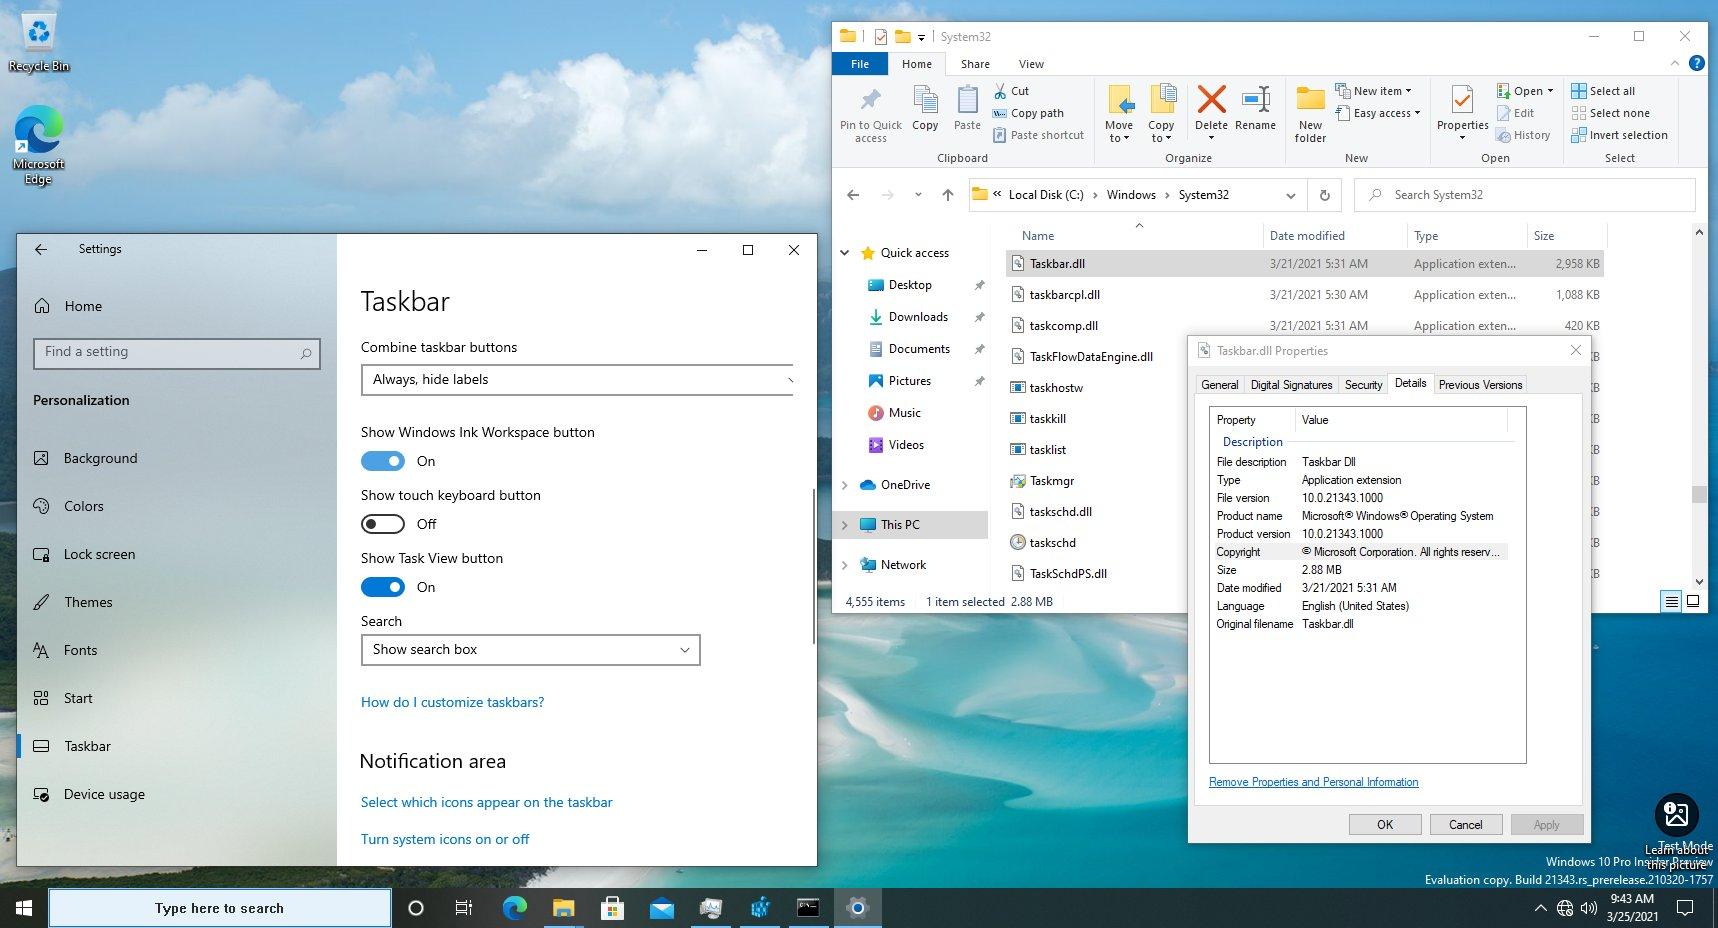 微软正在计划将Windows 10任务栏从资源管理器进程移出变成独立进程